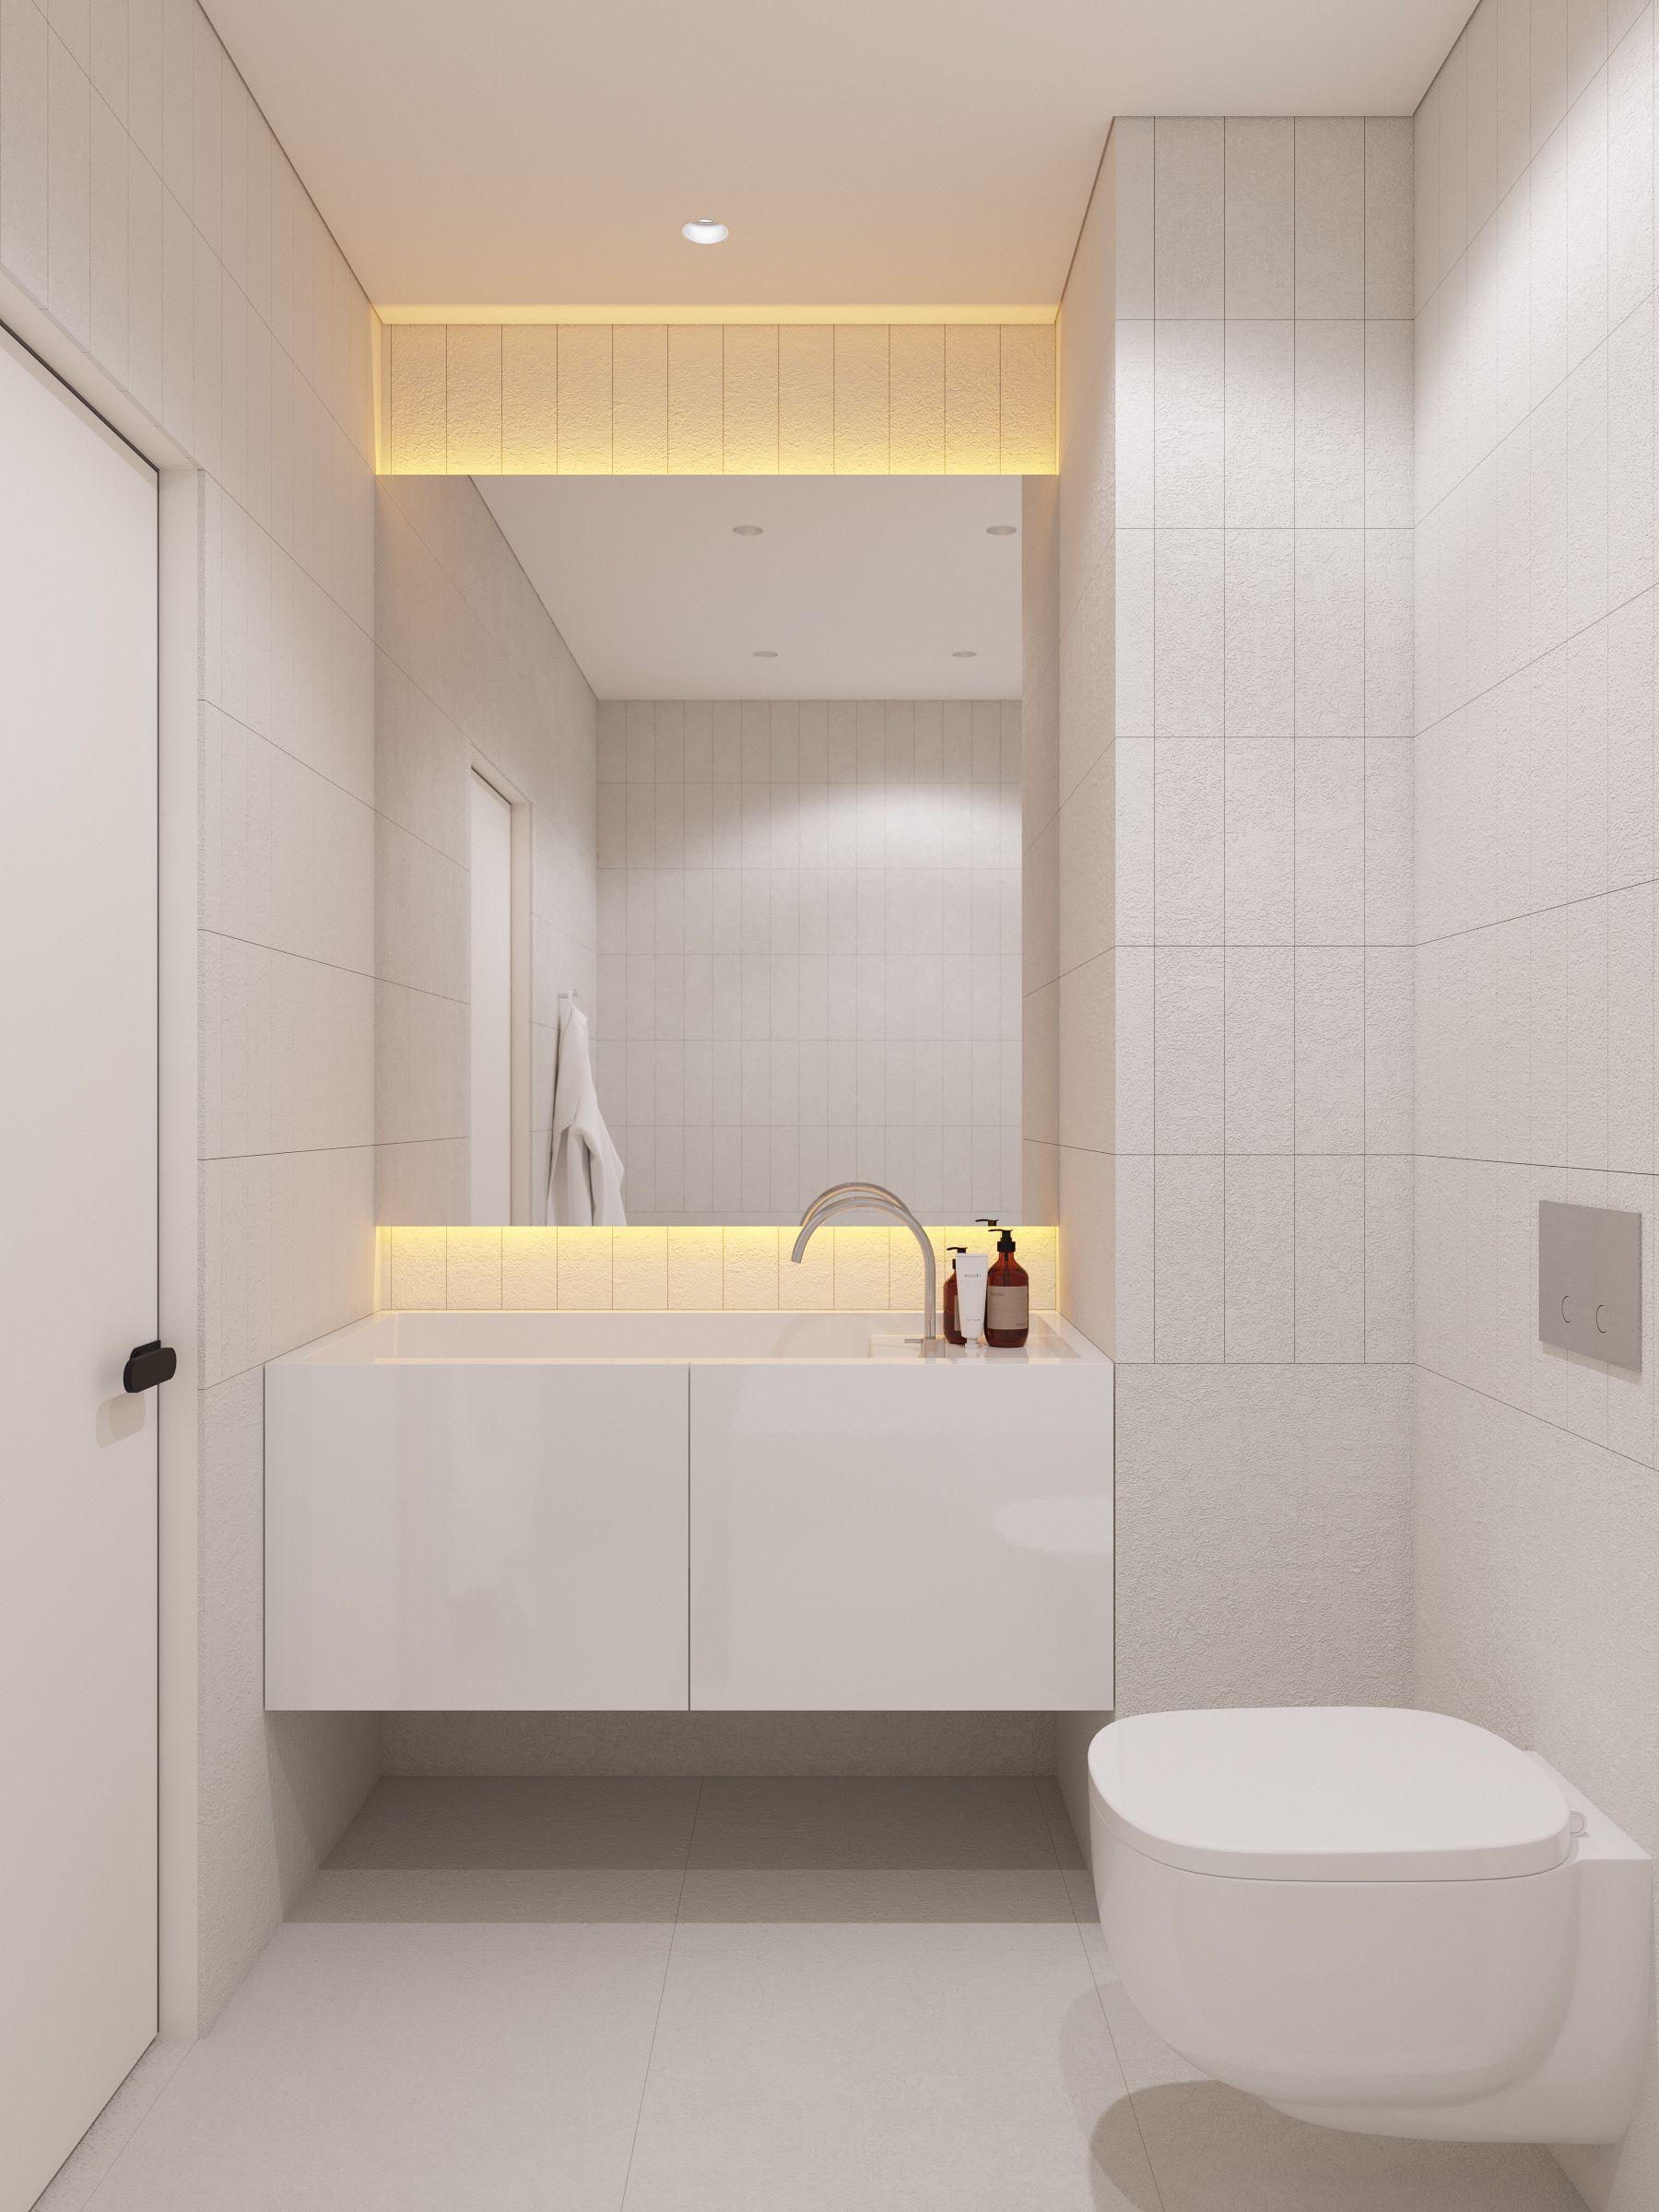 Zr2 Z Design Com Ua Wc Pinterest Bath Room Bath And